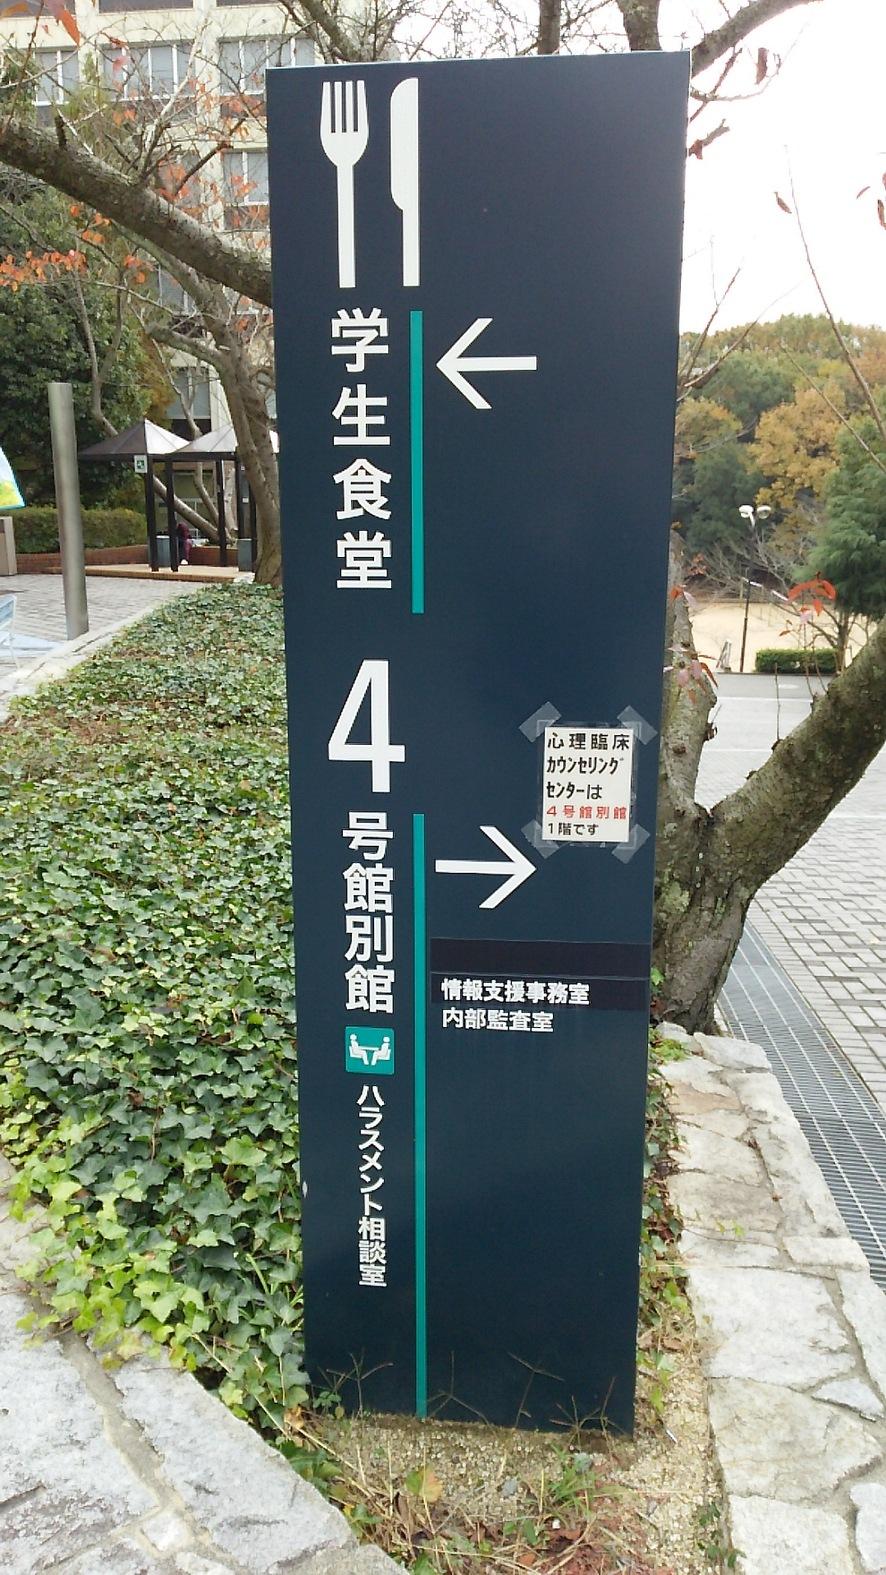 神戸学院大学 学生食堂